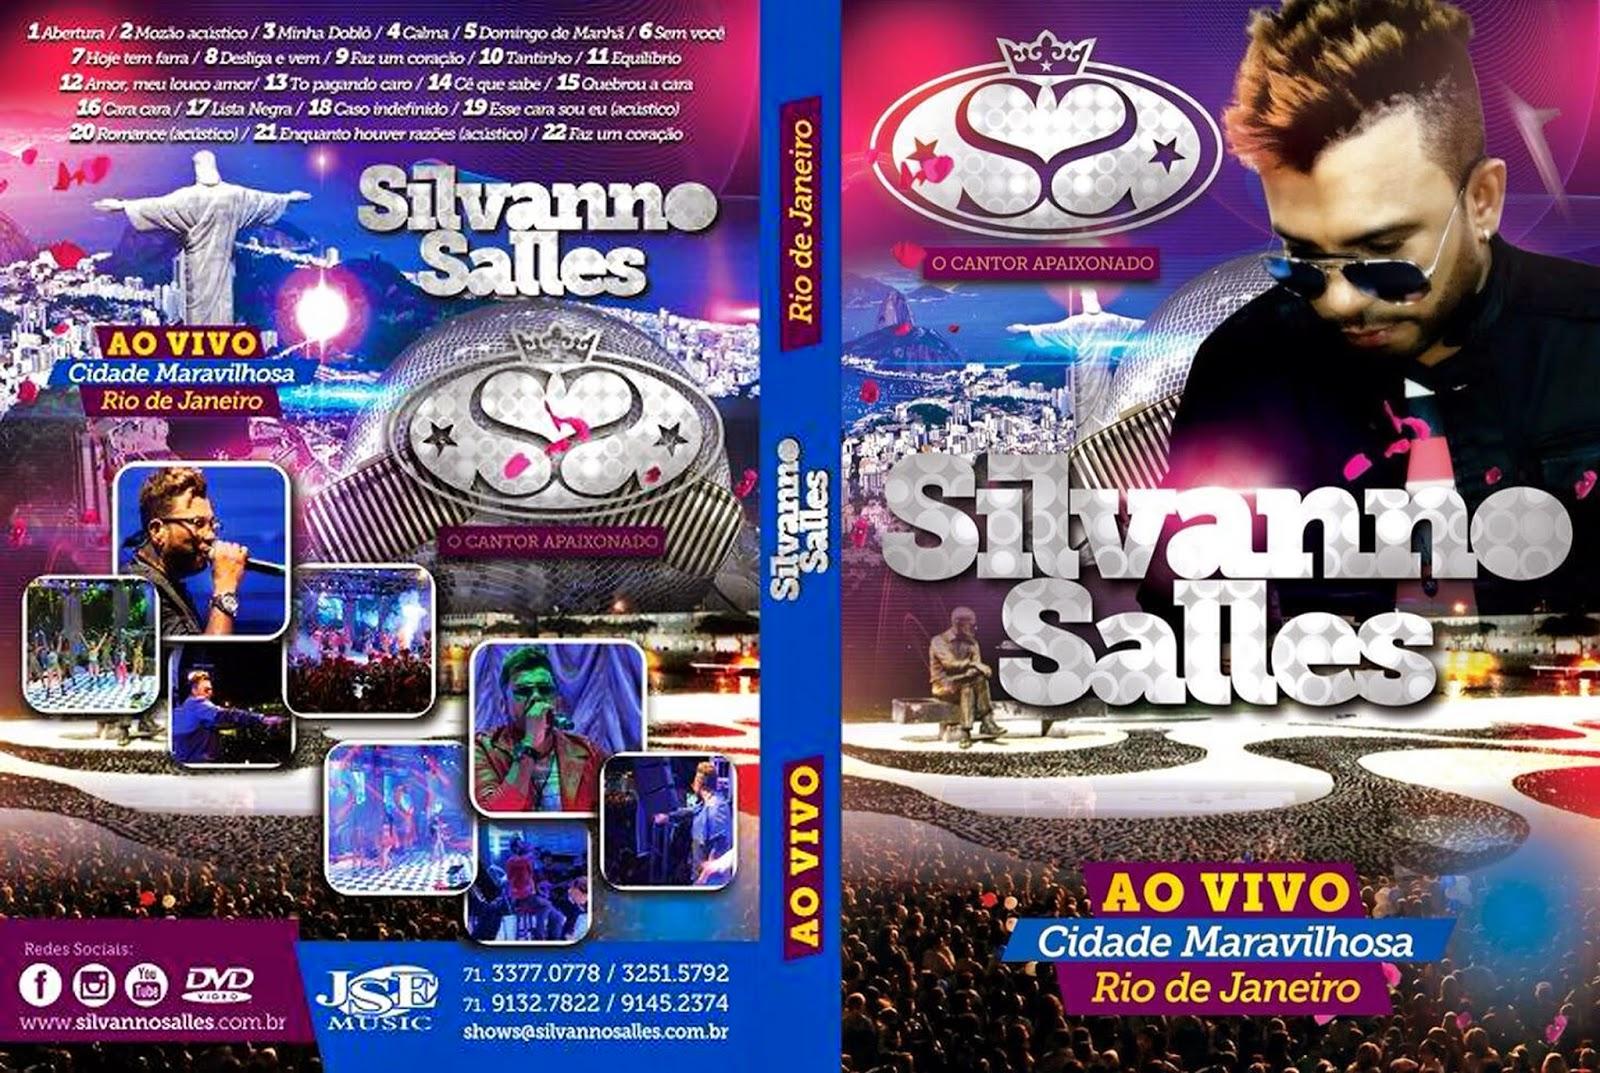 DVD Silvanno Salles – Ao Vivo No Rio de Janeiro (2015)